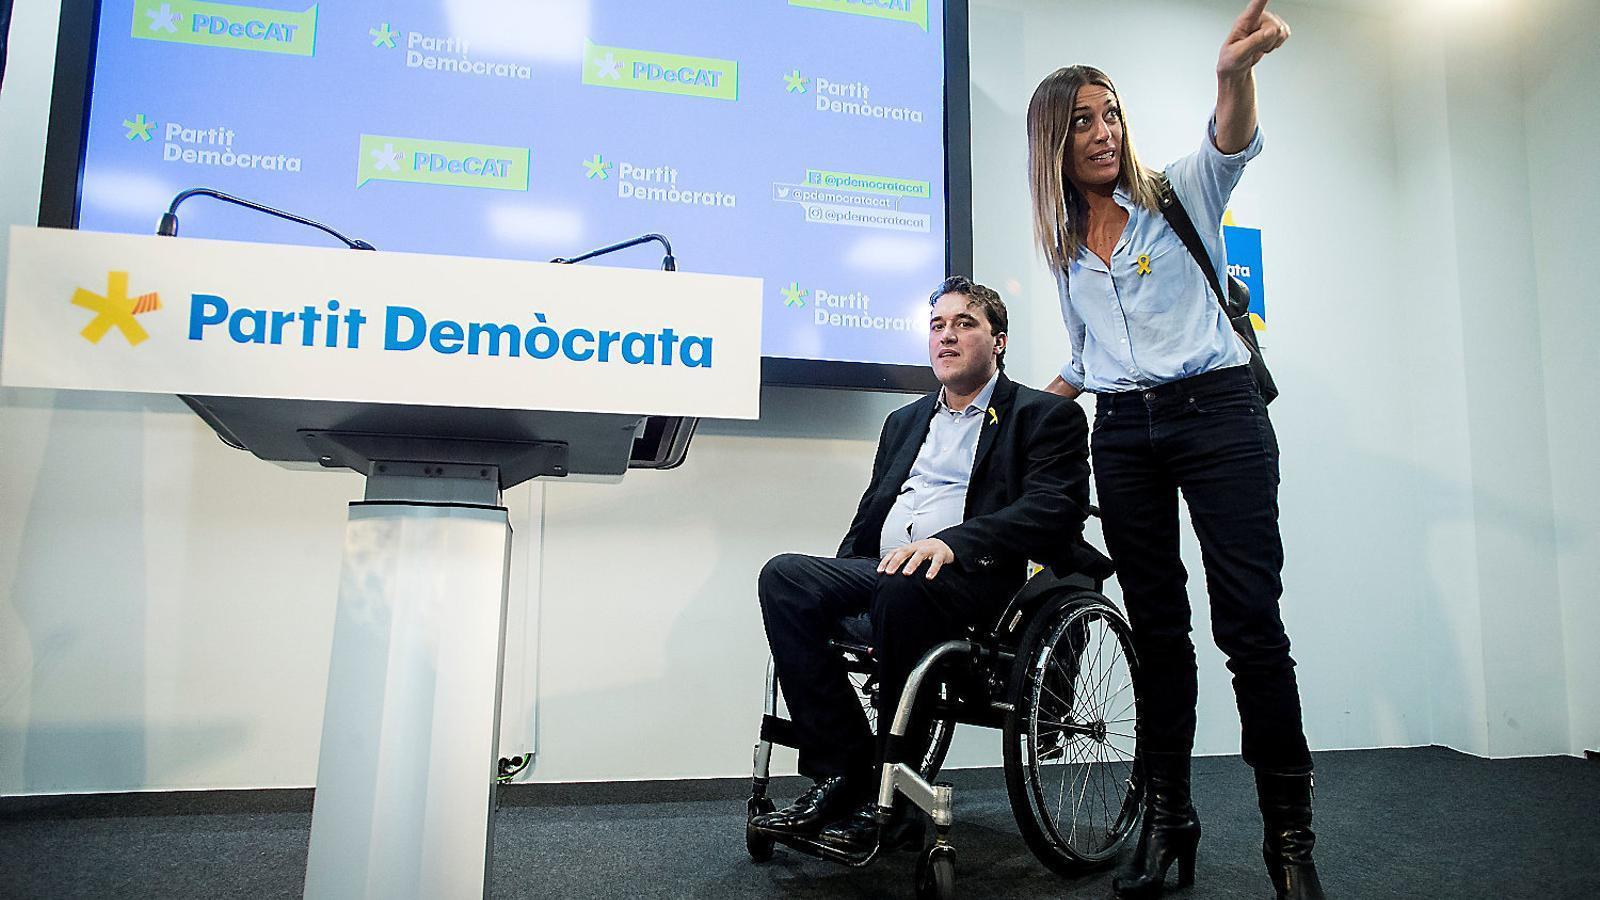 La direcció del PDECat s'enfronta a Puigdemont i rebutja la proposta de confluir en nou partit